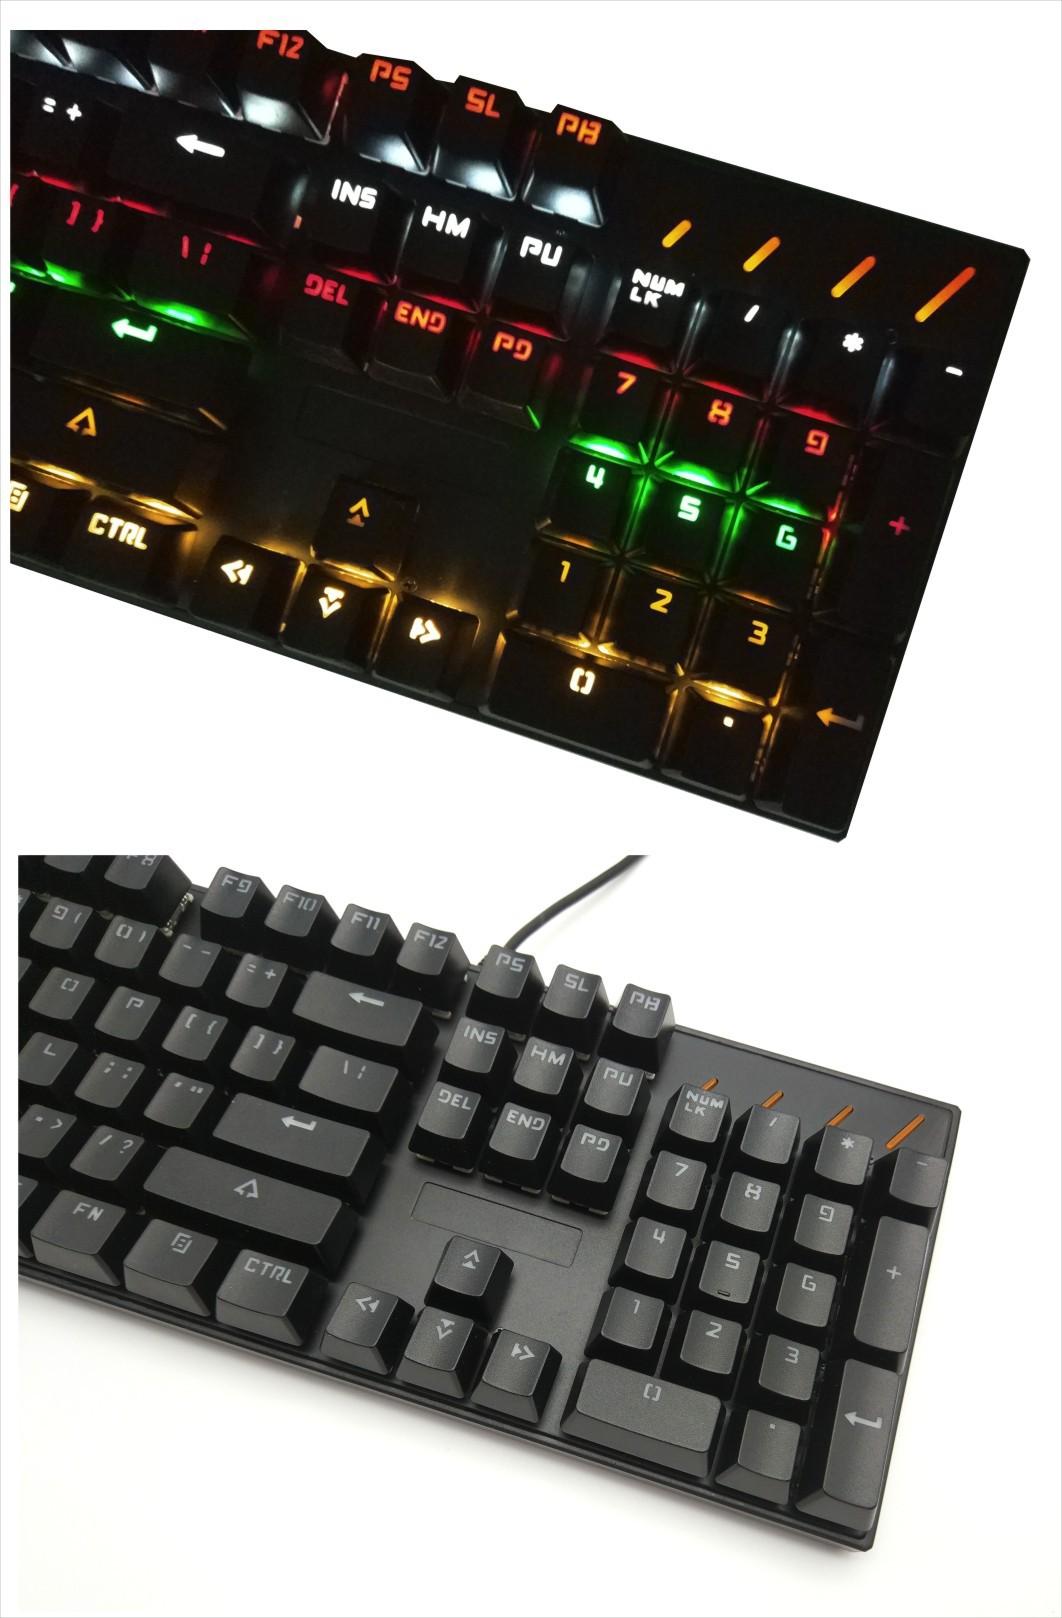 黑轴机械键盘声音_机械键盘_k10青轴机械键盘 笔记本台式机电竞rgb发光机械 - 阿里巴巴